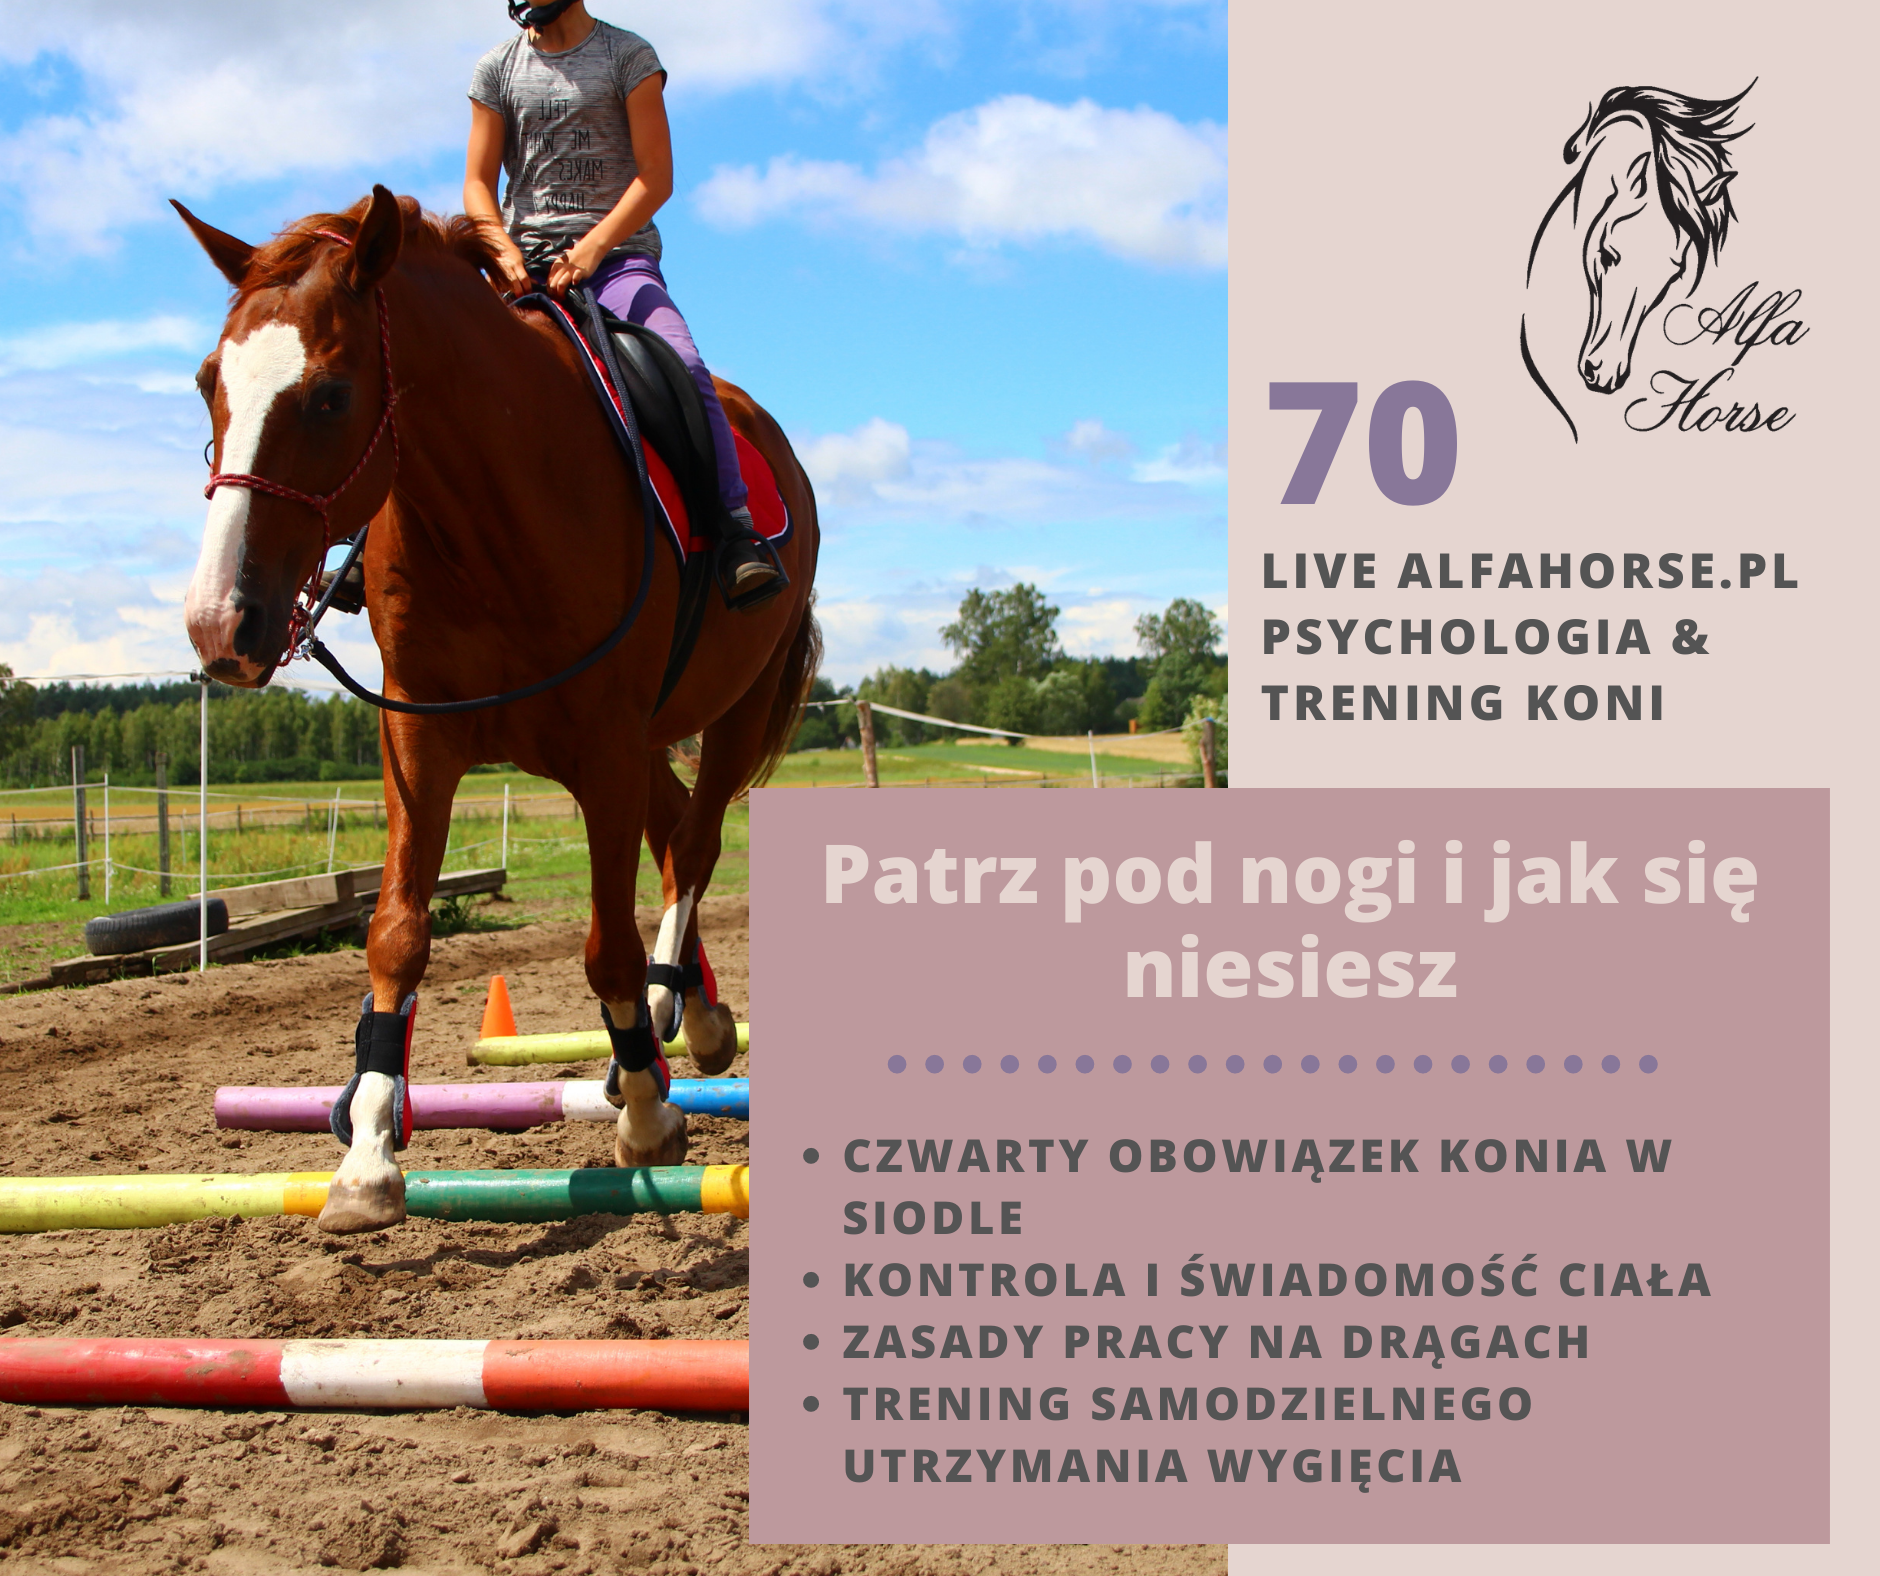 live_70_patrz_pod_nogi_jak_sie_niesiesz_jazda_konna_trening_koni